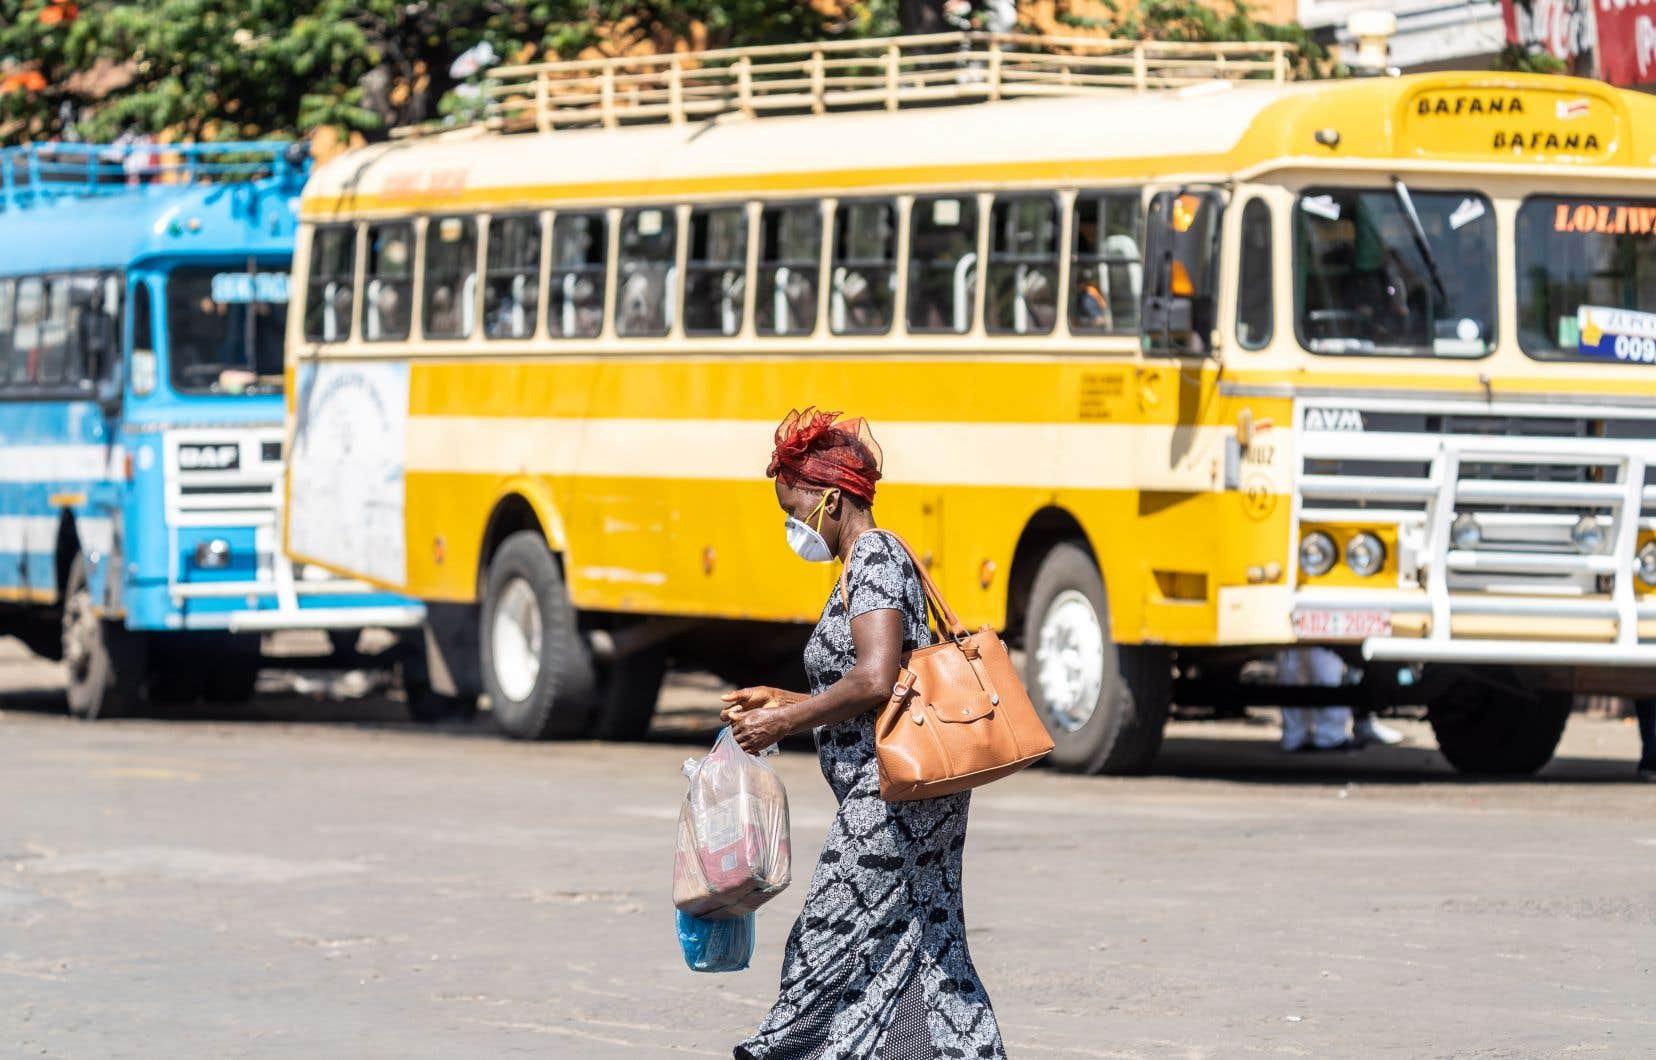 Le Zimbabwe est plongé quasiment à l'arrêt depuis deux semaines par de strictes mesures de confinement sanitaire ordonnées pour ralentir la progression de la COVID-19.